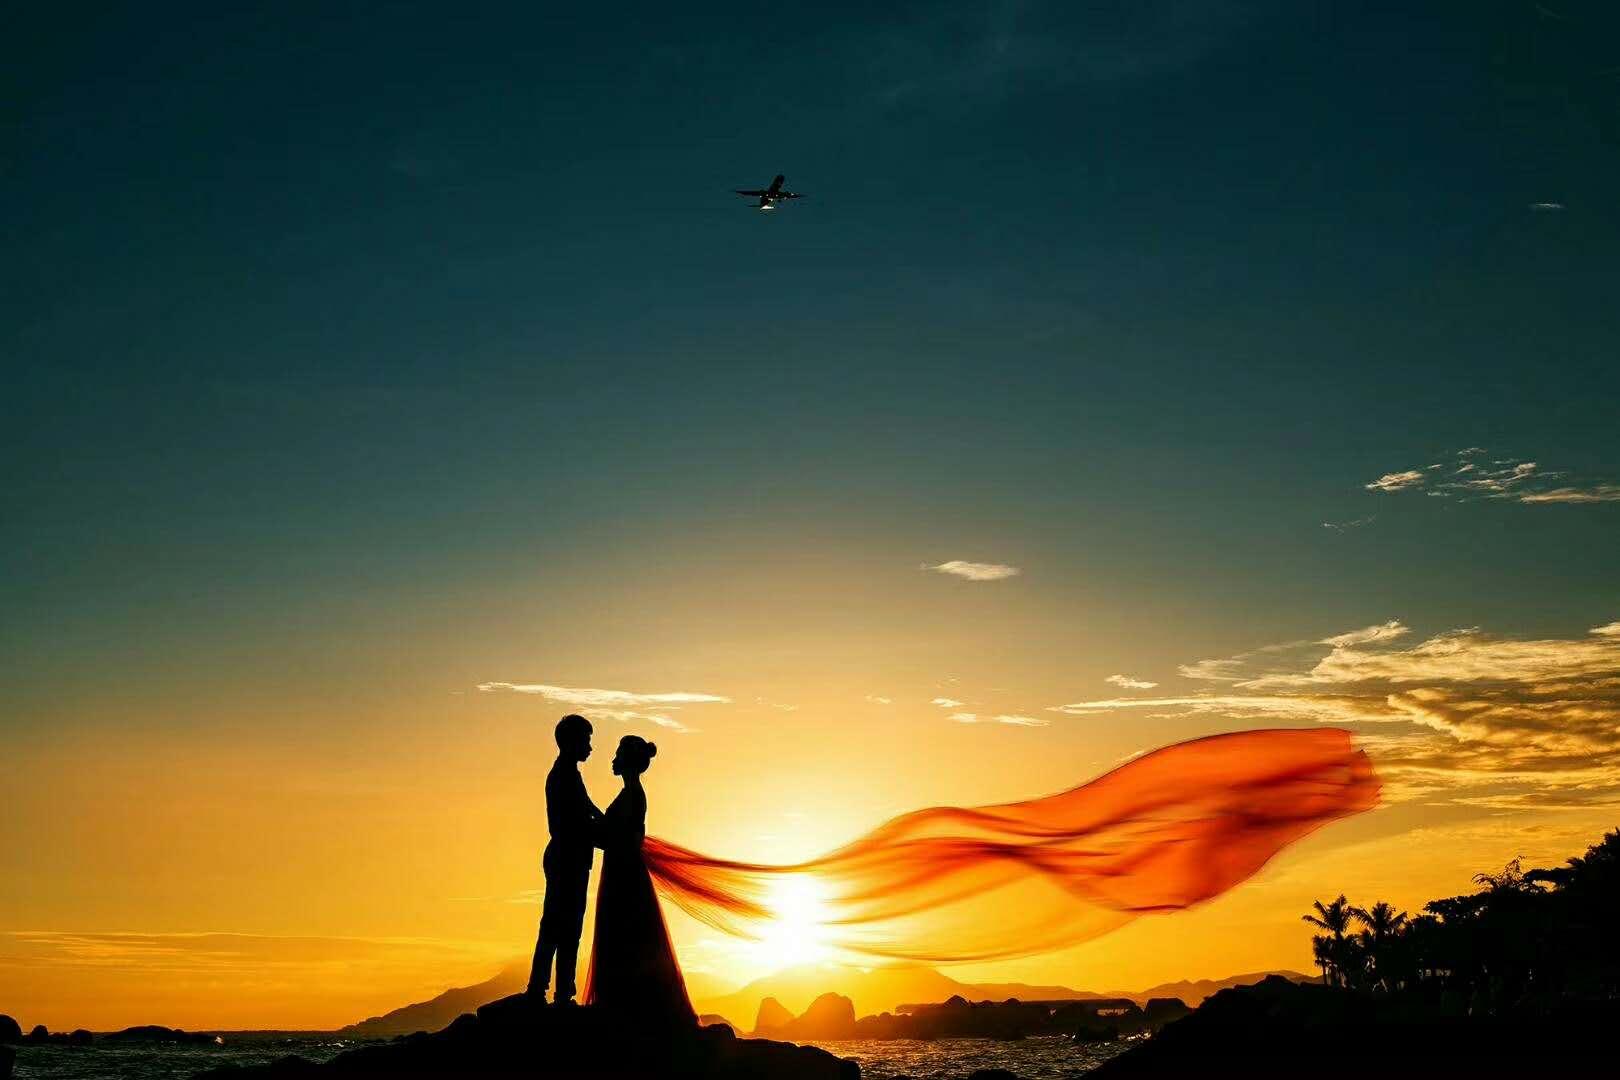 中秋国庆旅拍婚纱照去哪里拍最好?揭秘三亚丽江大理优质旅拍名单